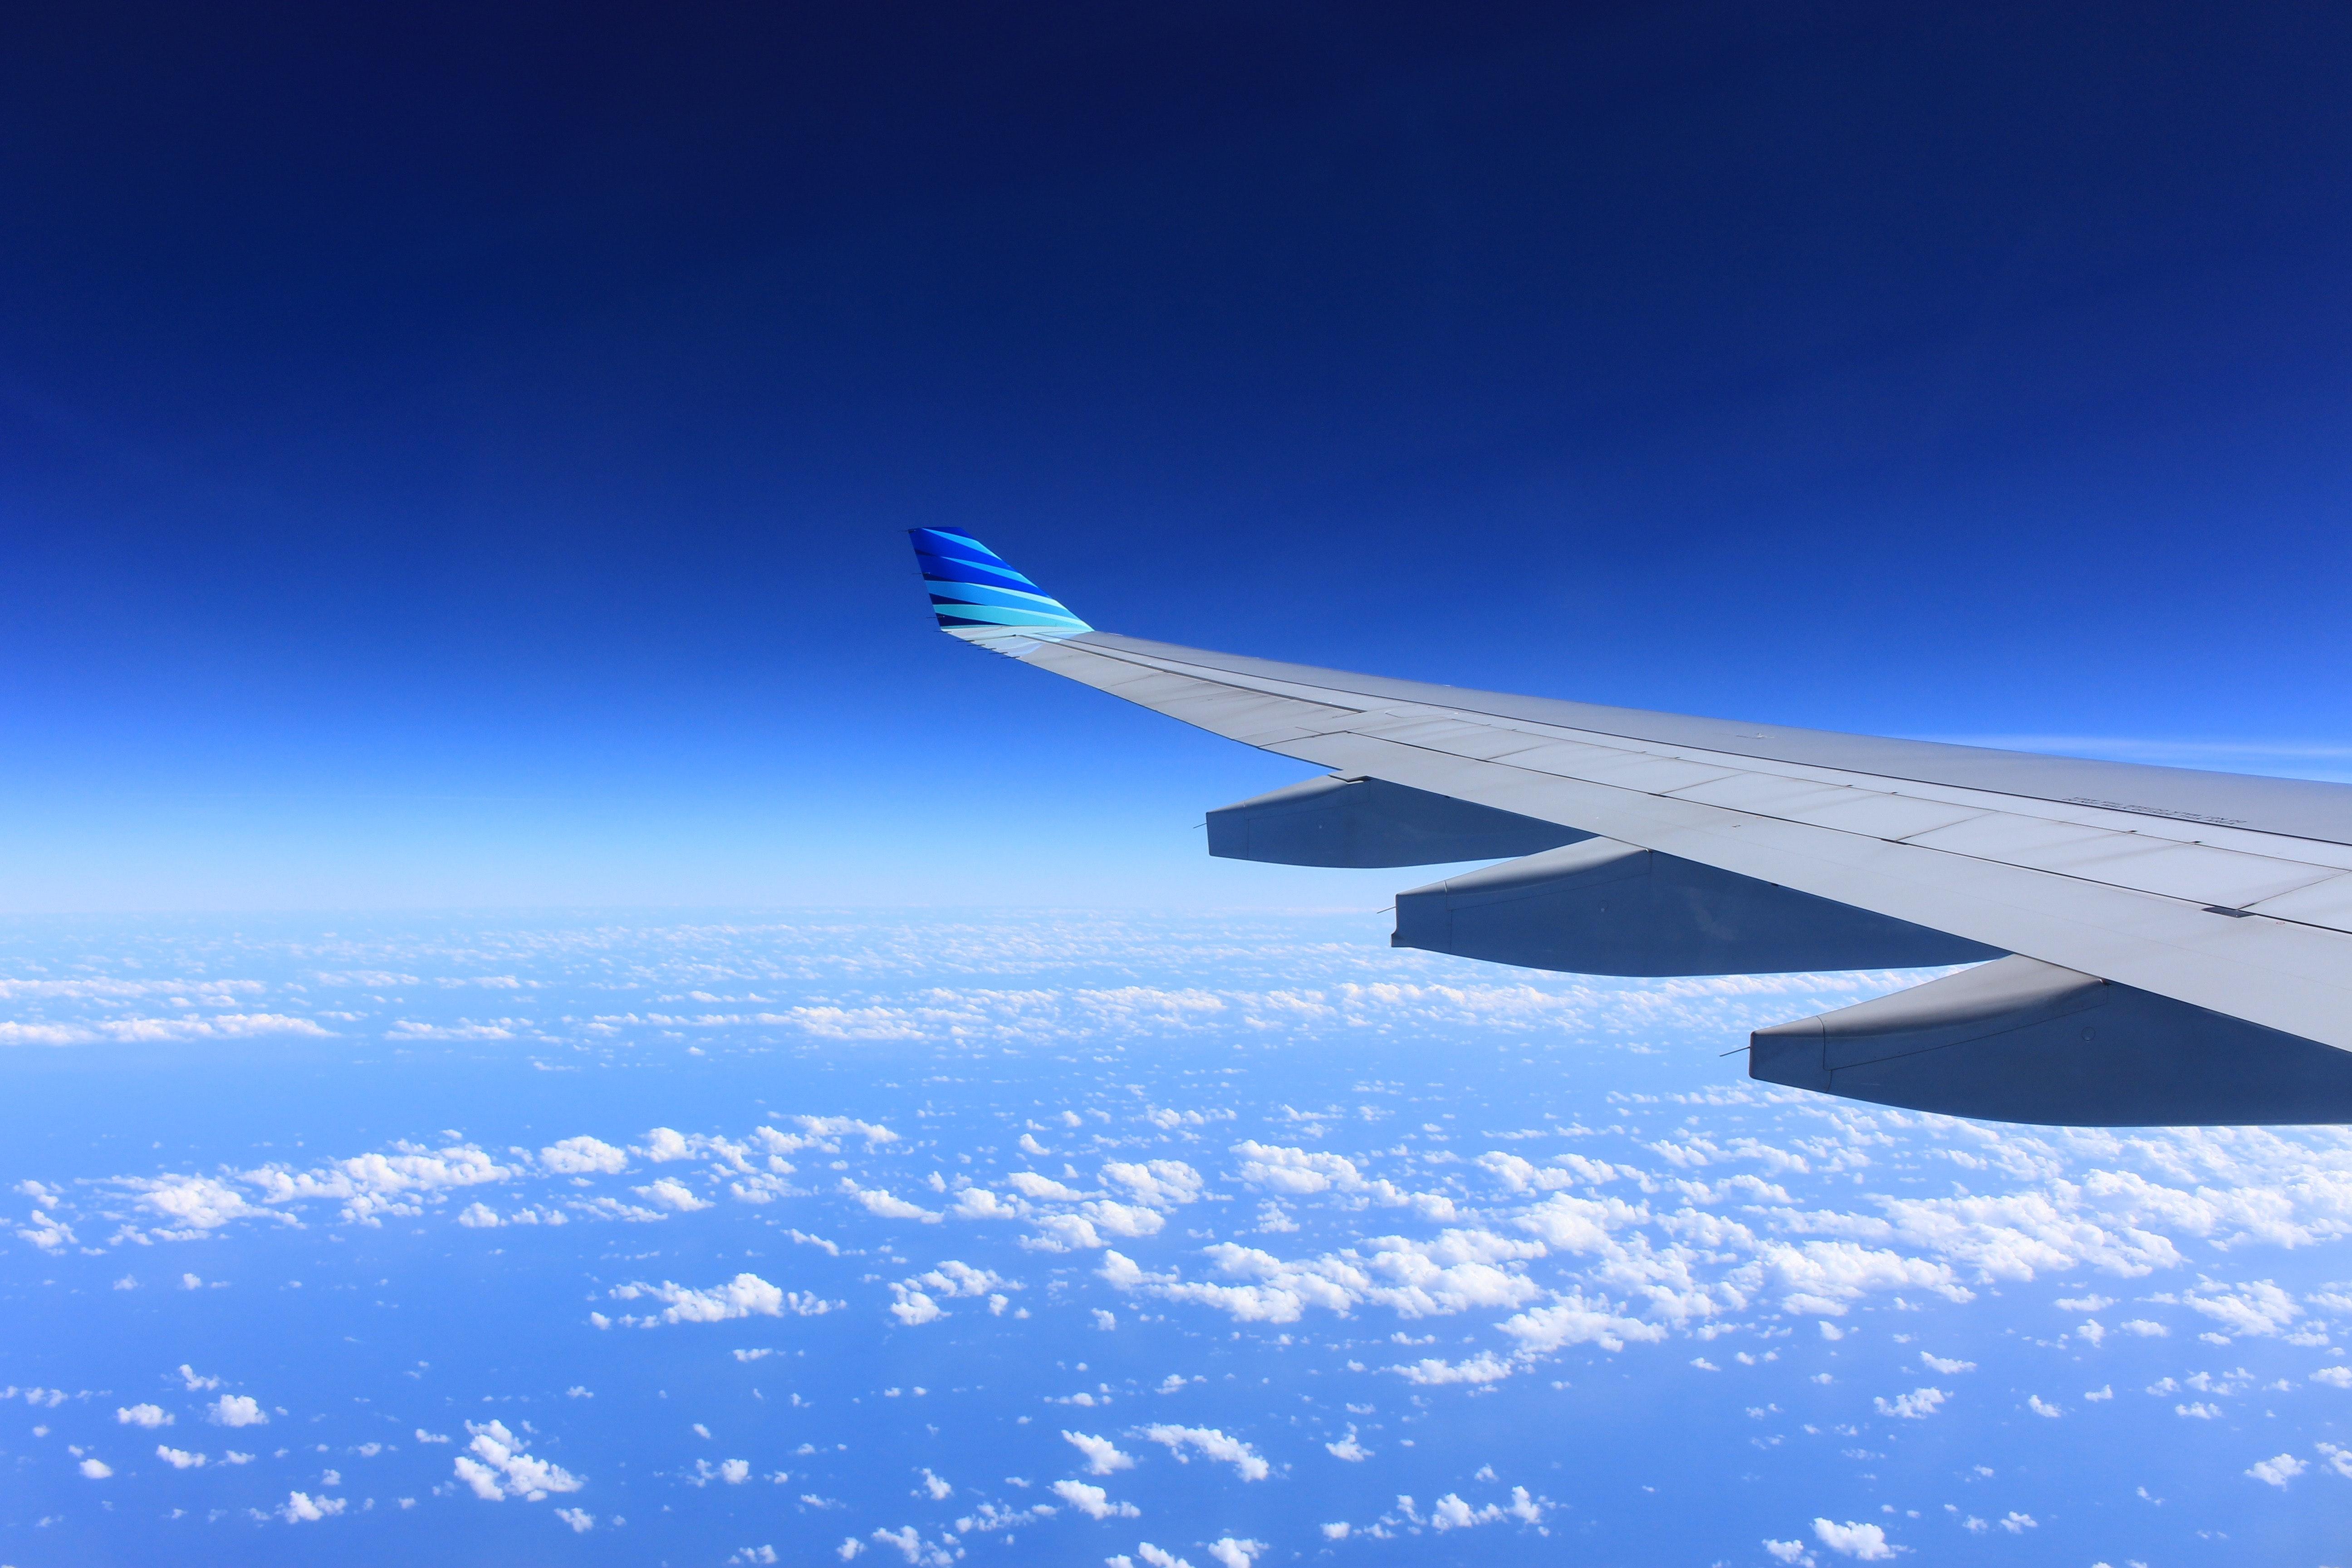 22e759e7f5 機内持ち込みサイズのスーツケースのいろは(サイズ・重さ・航空会社の規定)【おすすめ11選】